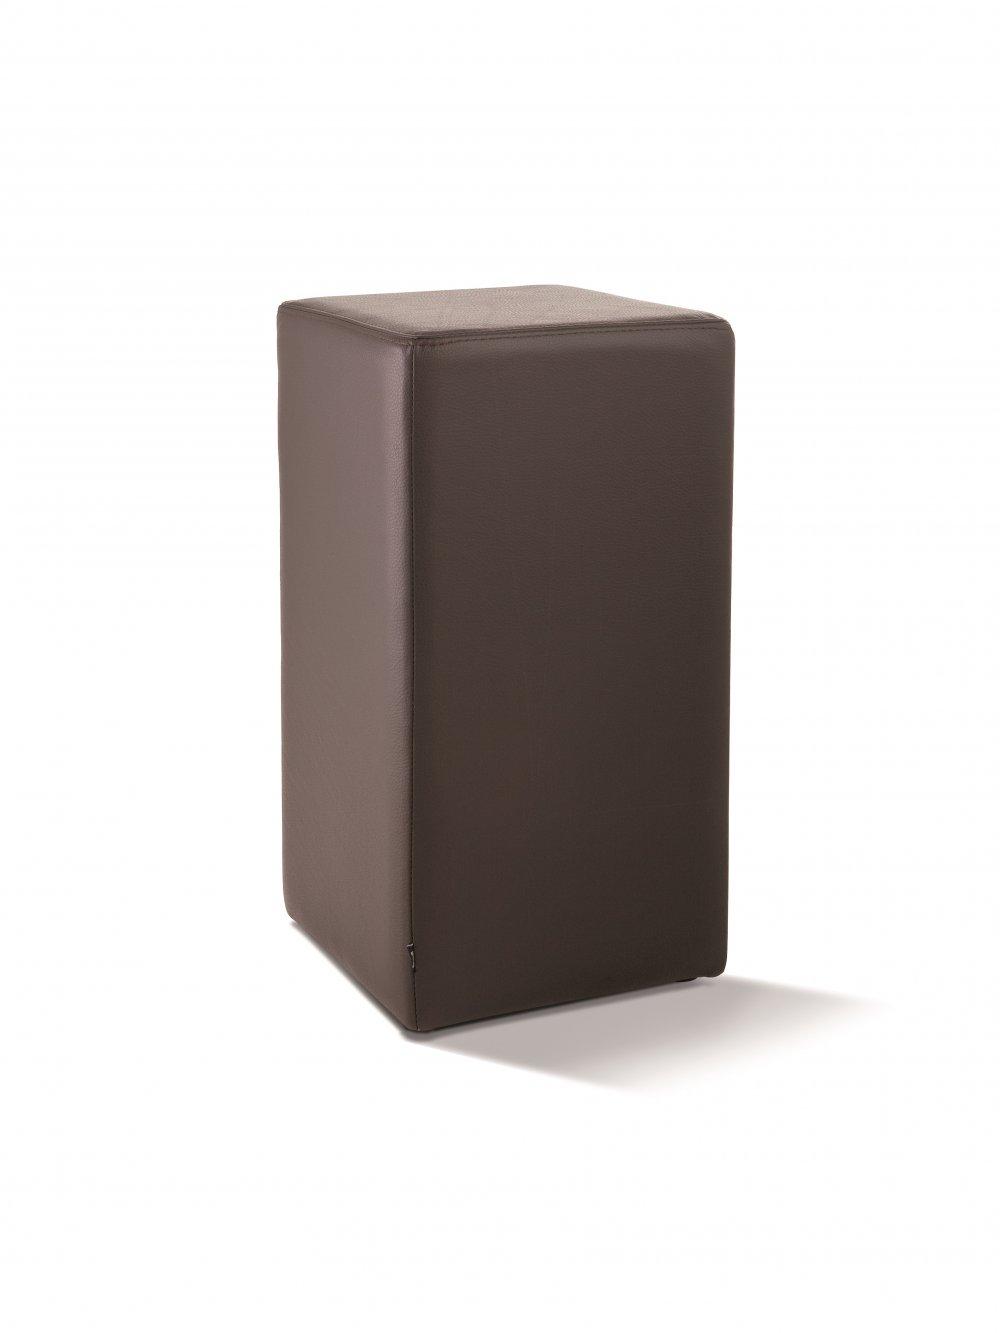 lederhocker braun elegant hocker in holz leder beige. Black Bedroom Furniture Sets. Home Design Ideas